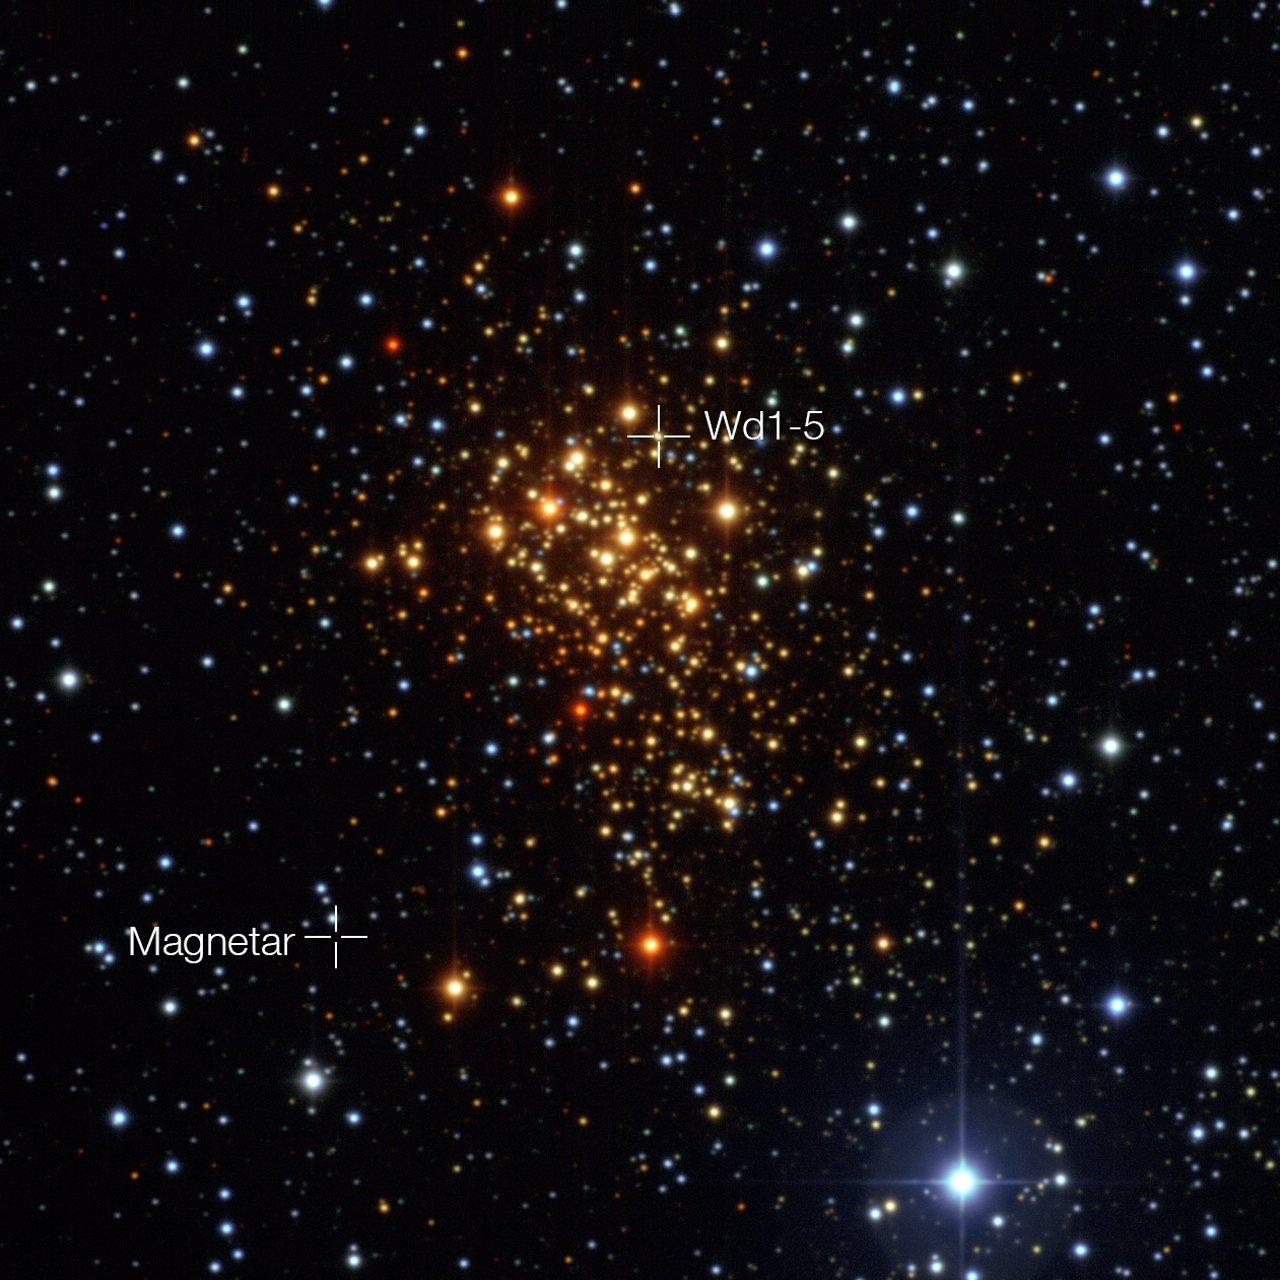 De sterrenhoop Westerlund 1 en de posities van de magnetar en zijn waarschijnlijke voormalige begeleider